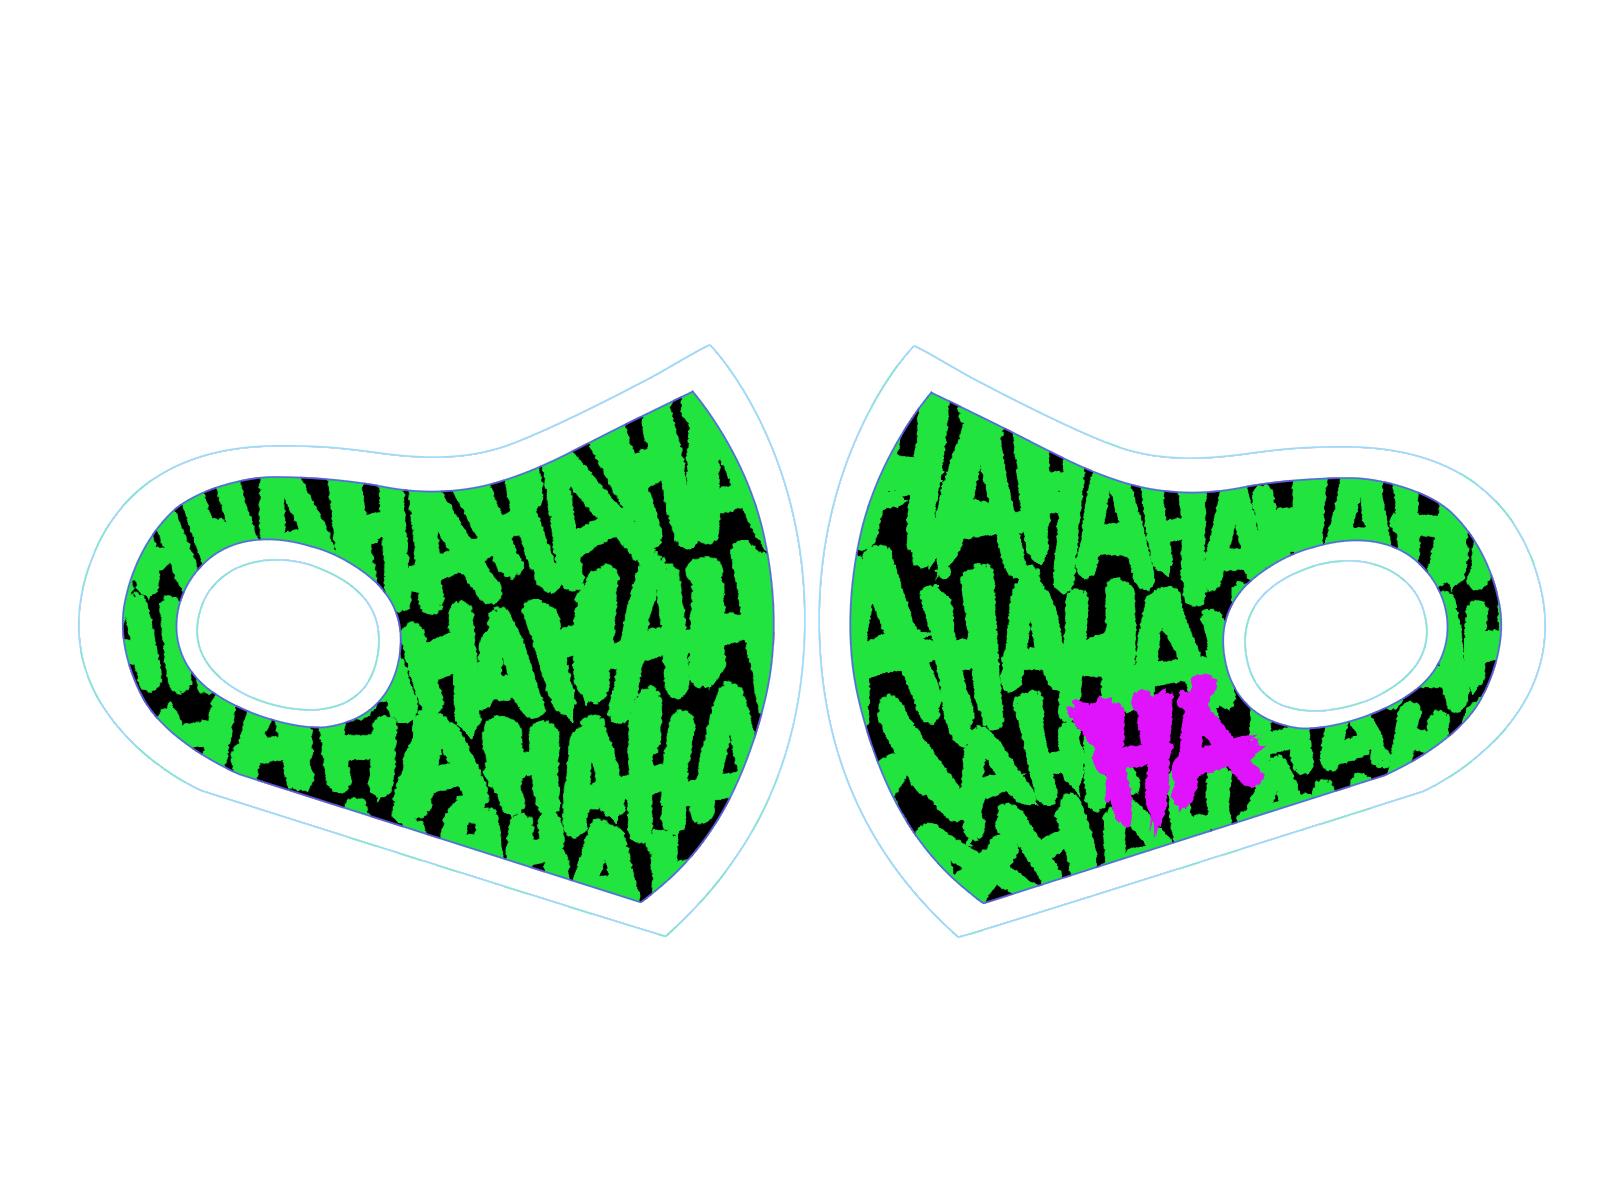 ヴィランマスク「HAHAHAHA」 スポーツマスク